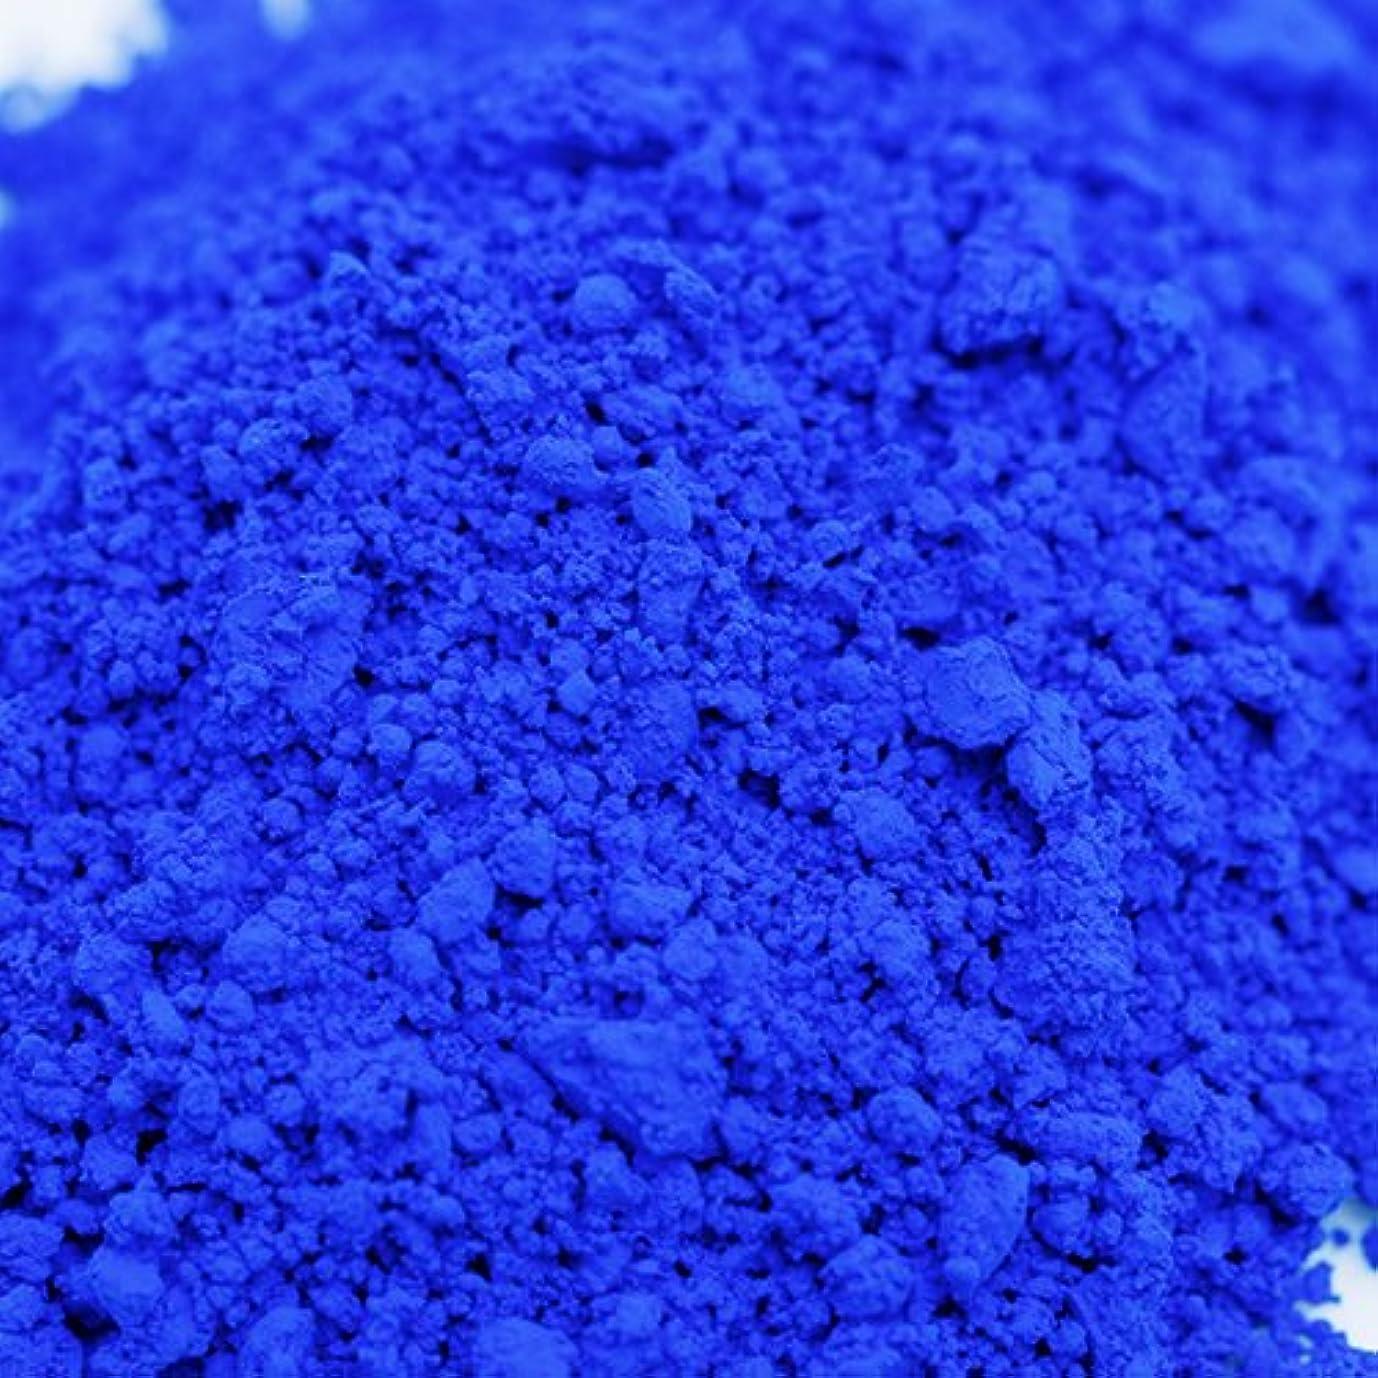 伴う乗算式ウルトラマリン ブルー 5g 【手作り石鹸/手作りコスメ/色付け/カラーラント/青】